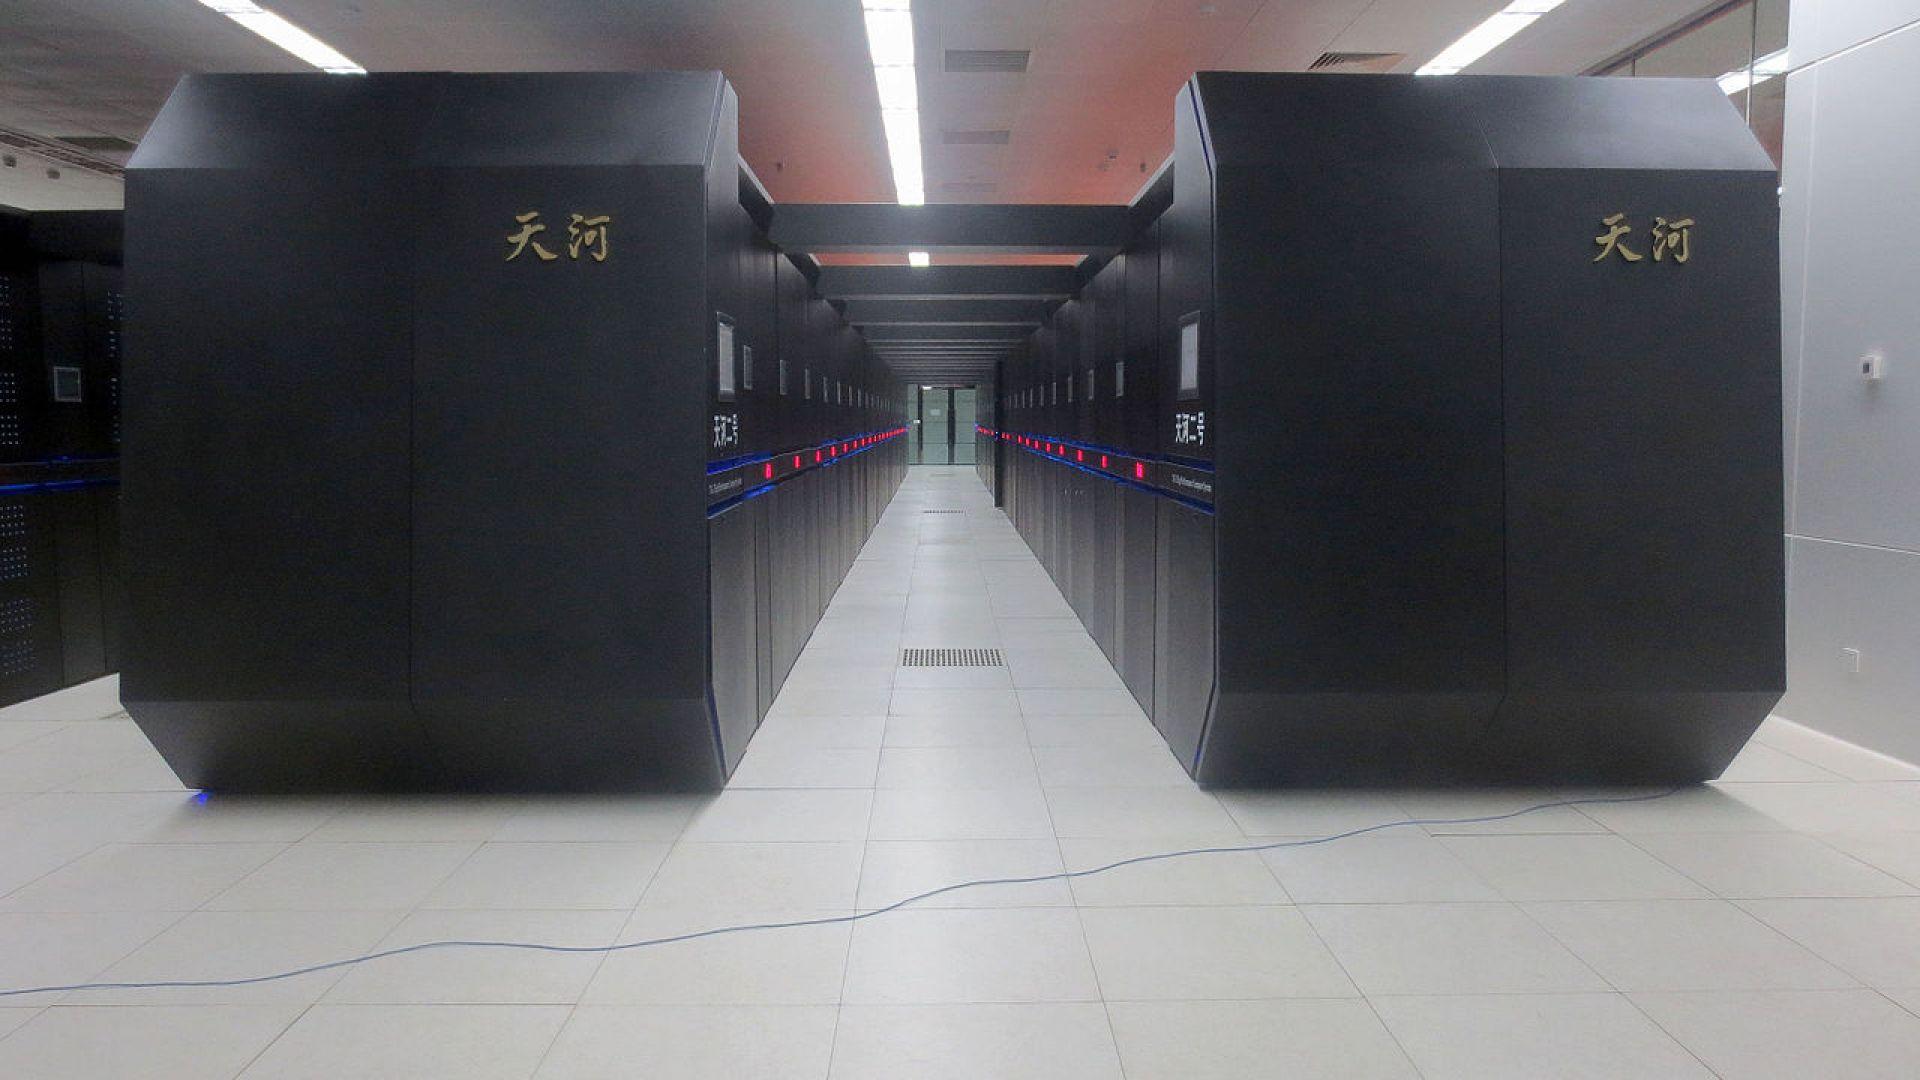 Tianhe-2A